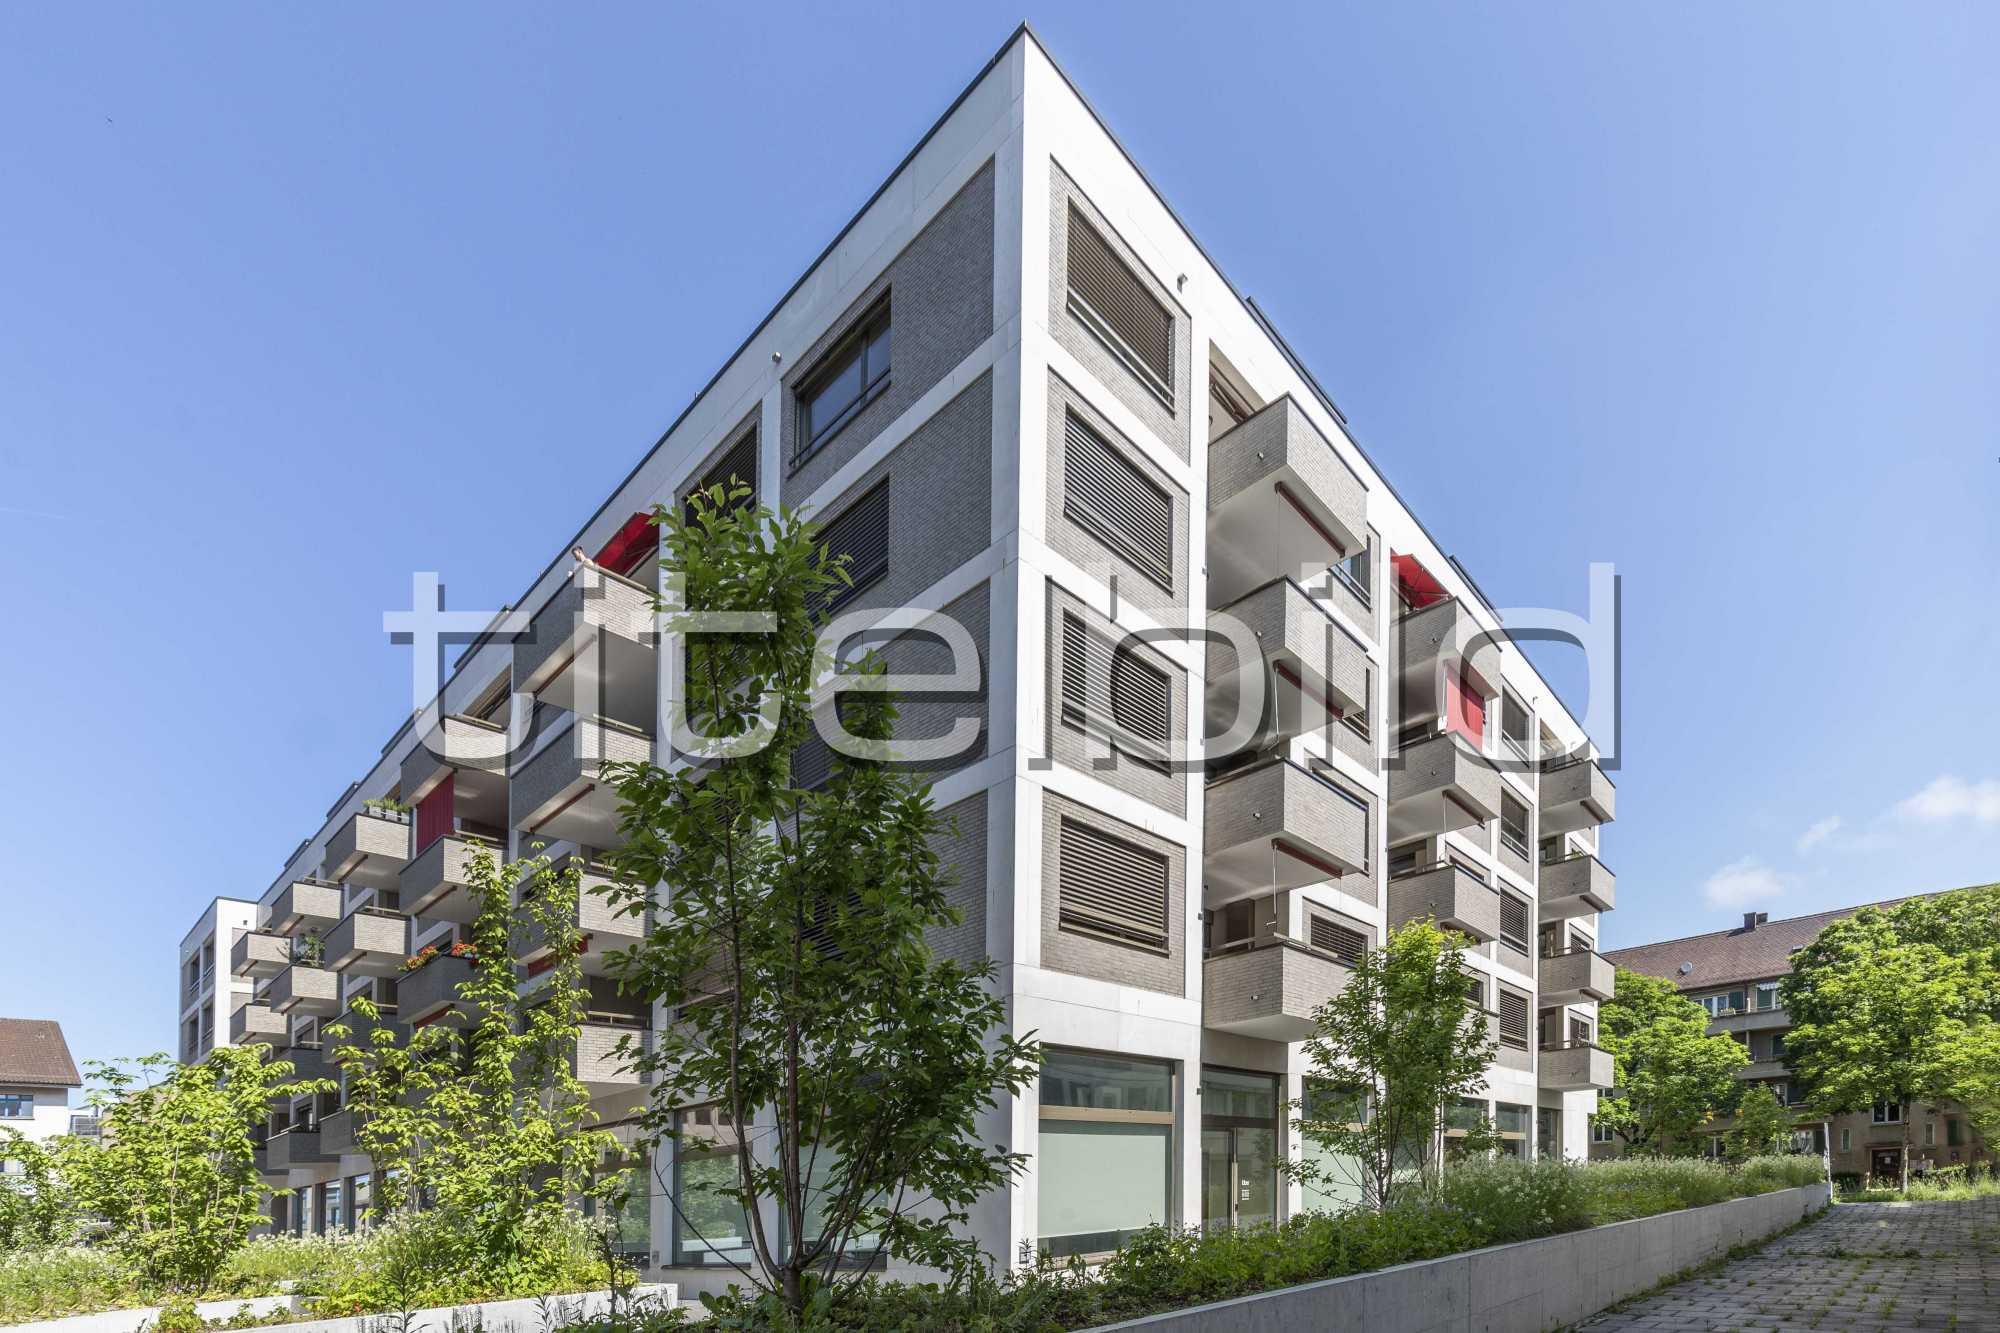 Projektbild-Nr. 2: Wohn- und Geschäftshaus ATRIUM565